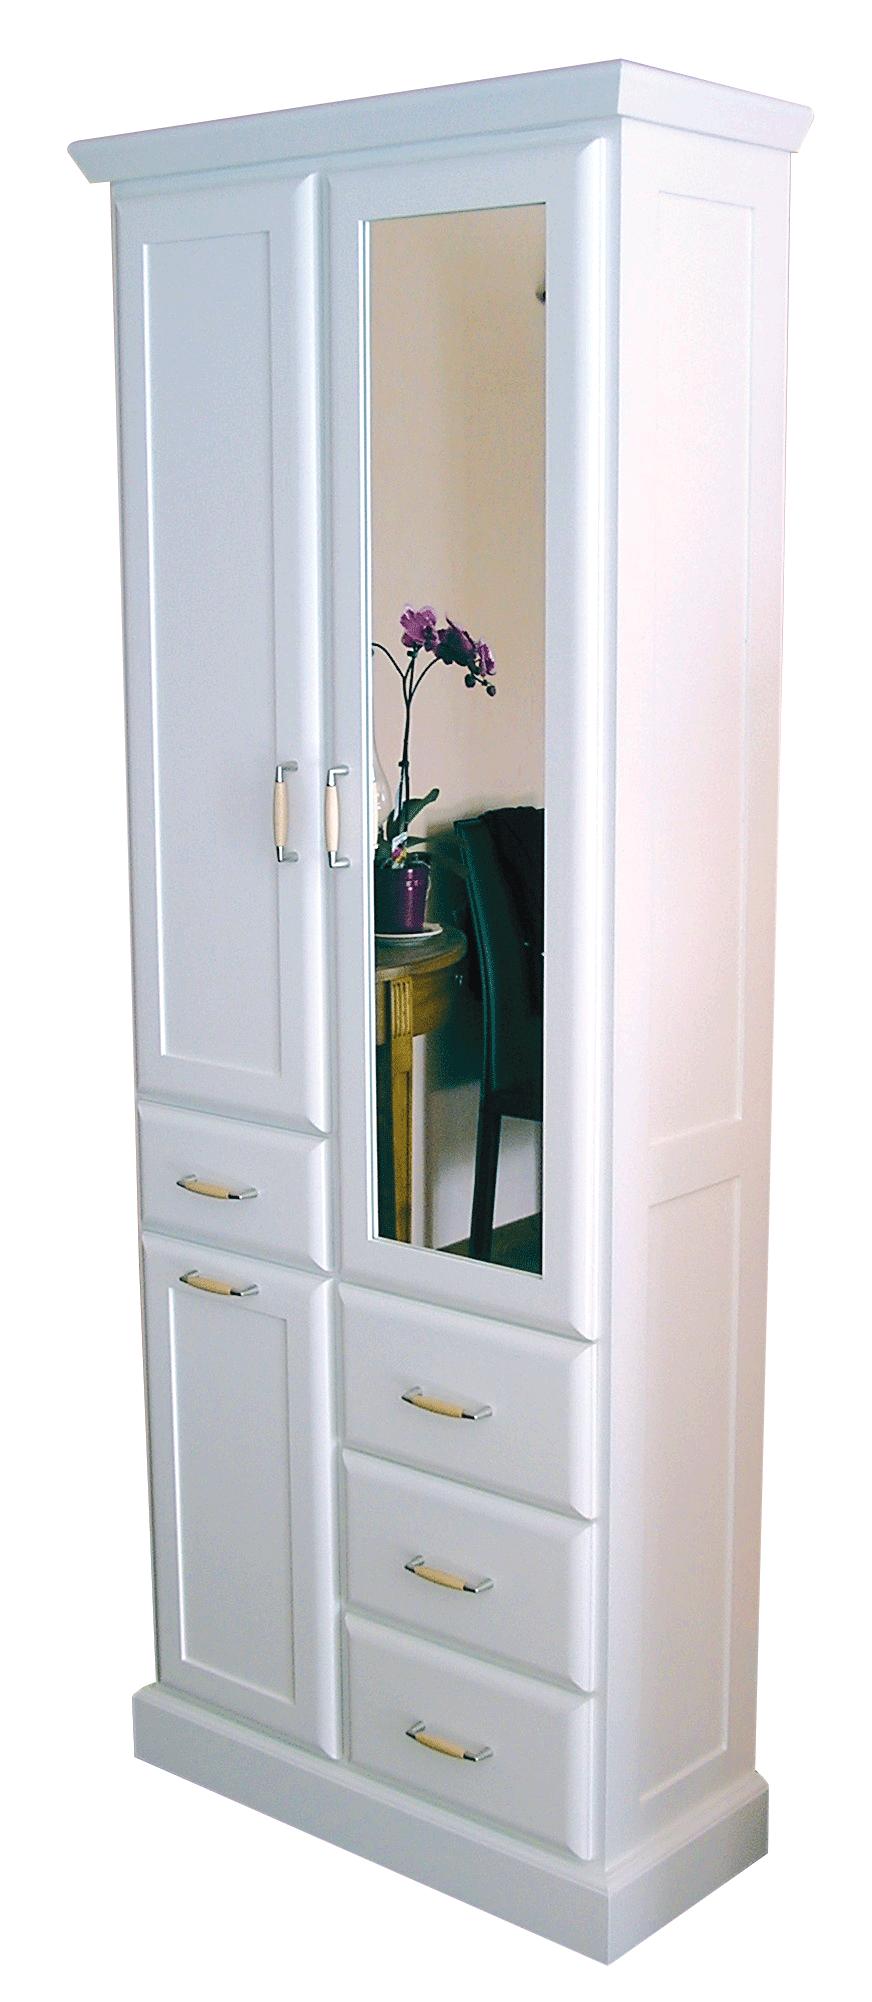 Un meuble de salle de bain fonctionnel et contemporain Meuble de salle de bain contemporain